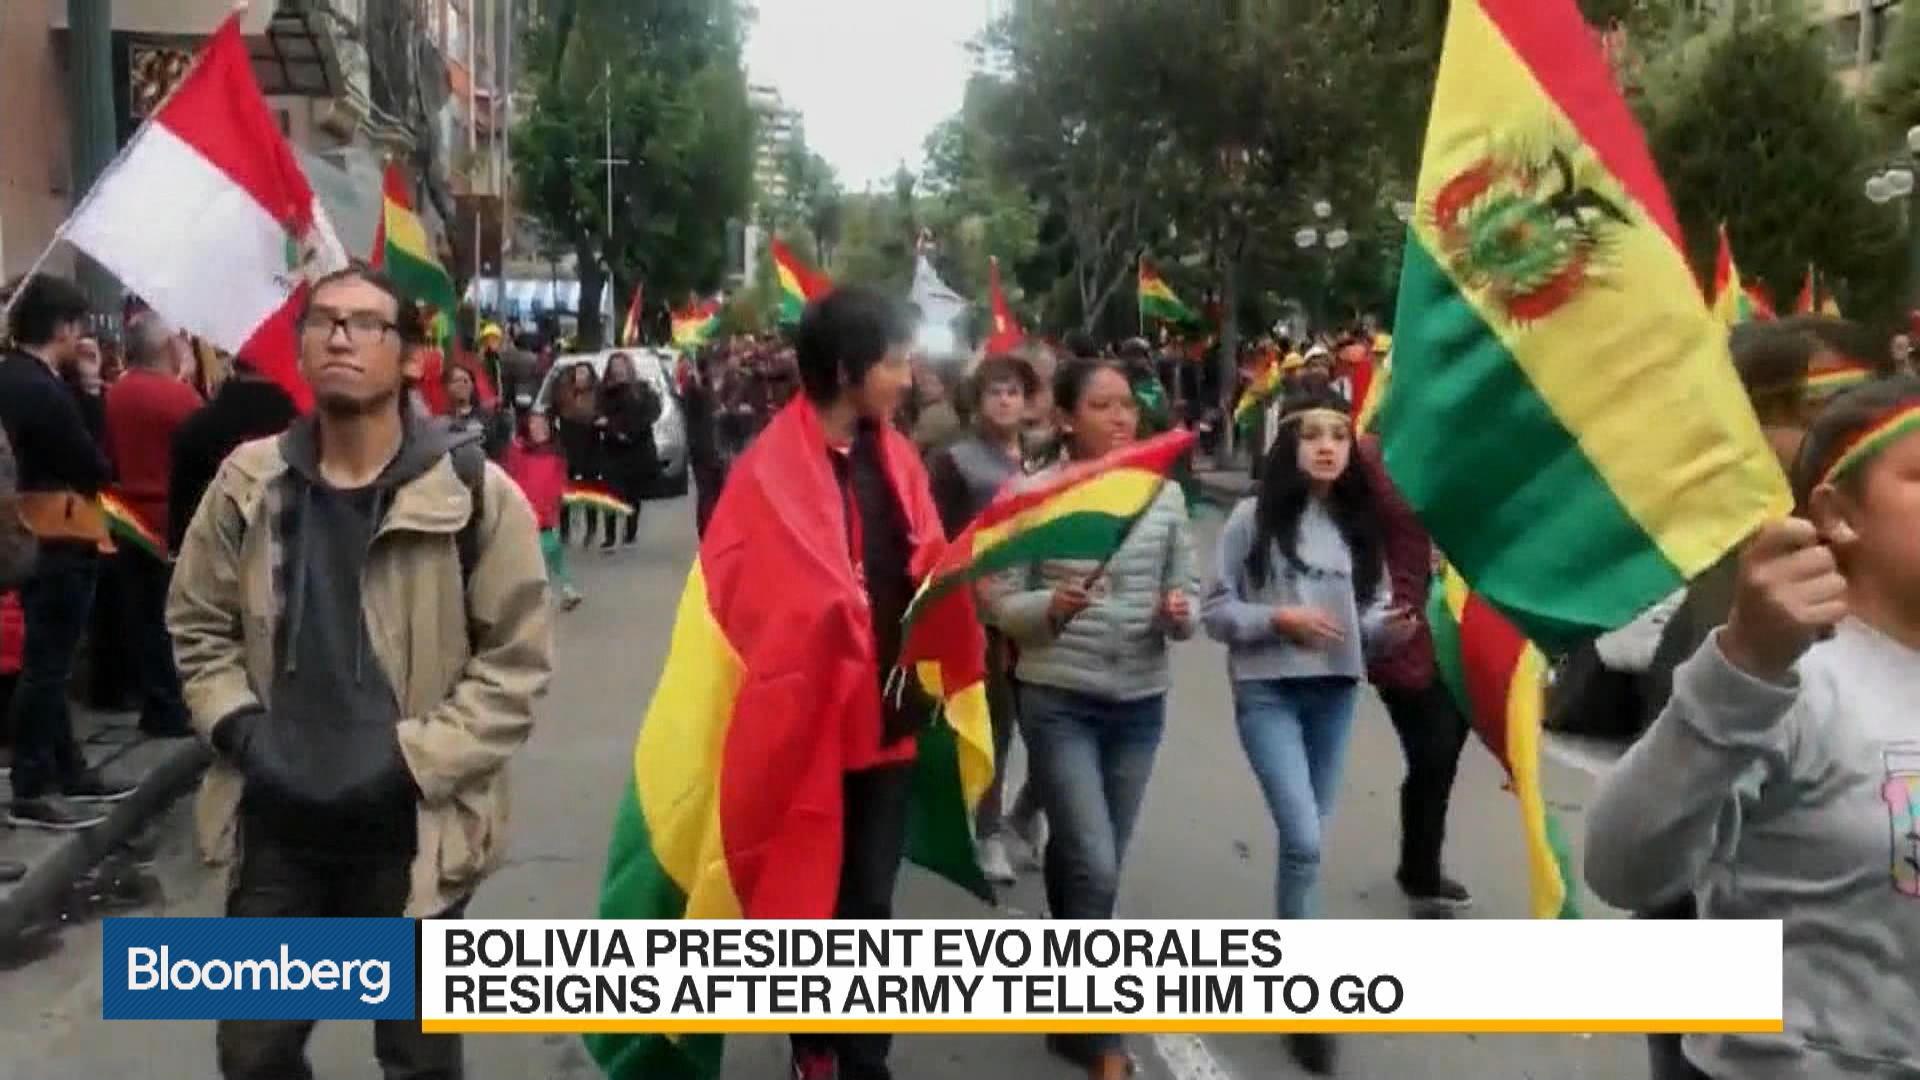 Bolivian President Evo Morales Resigns